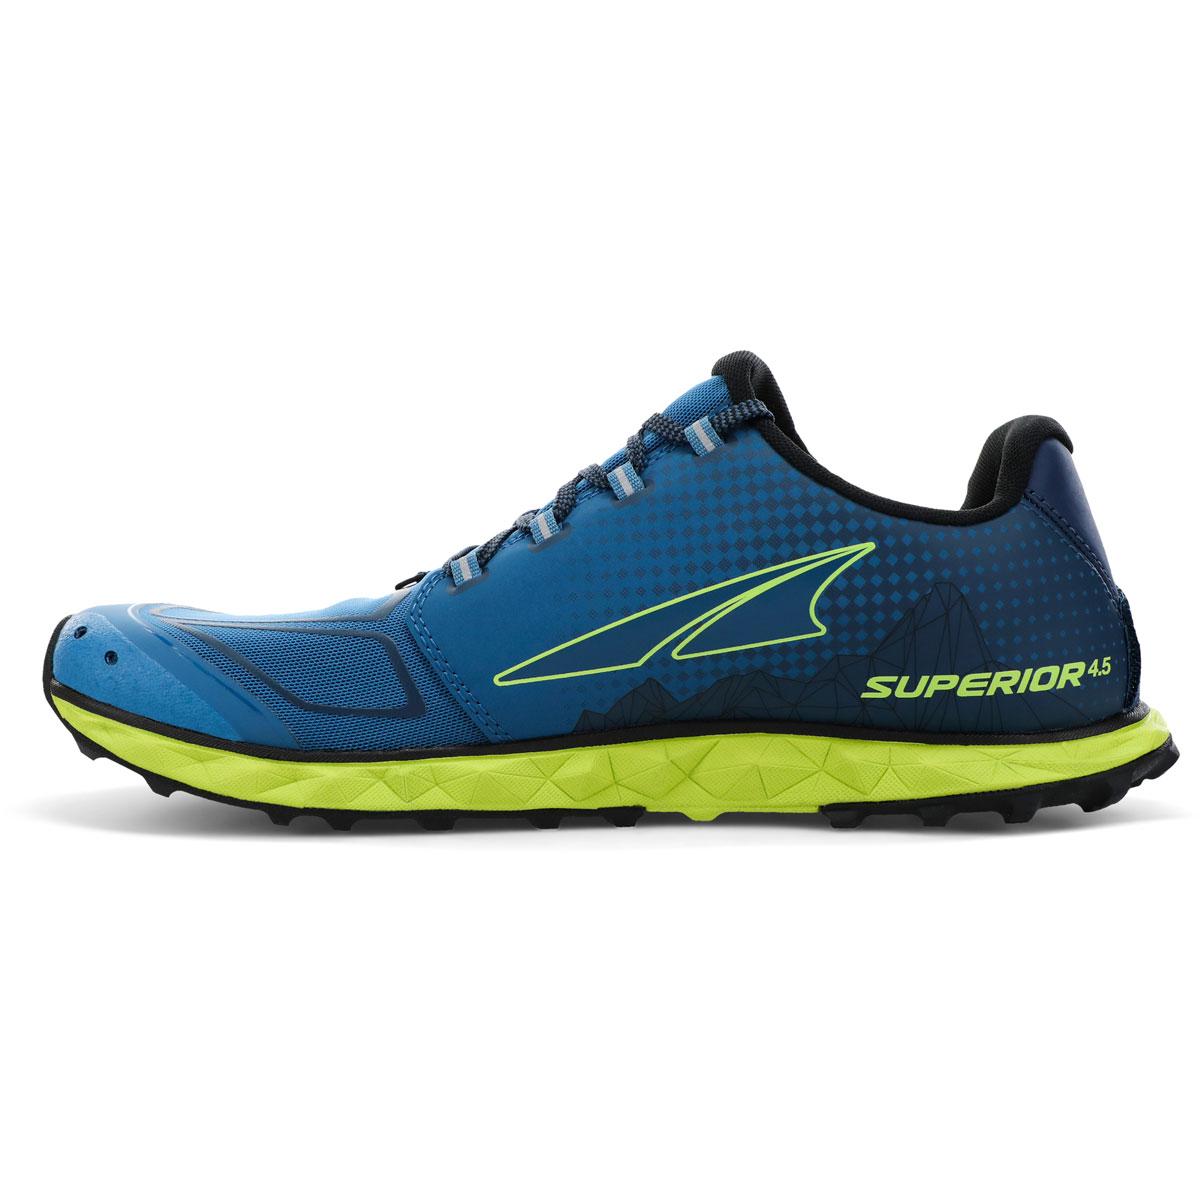 Men's Altra Superior 4.5 Trail Running Shoe - Color: Blue/Lime - Size: 7 - Width: Regular, Blue/Lime, large, image 2